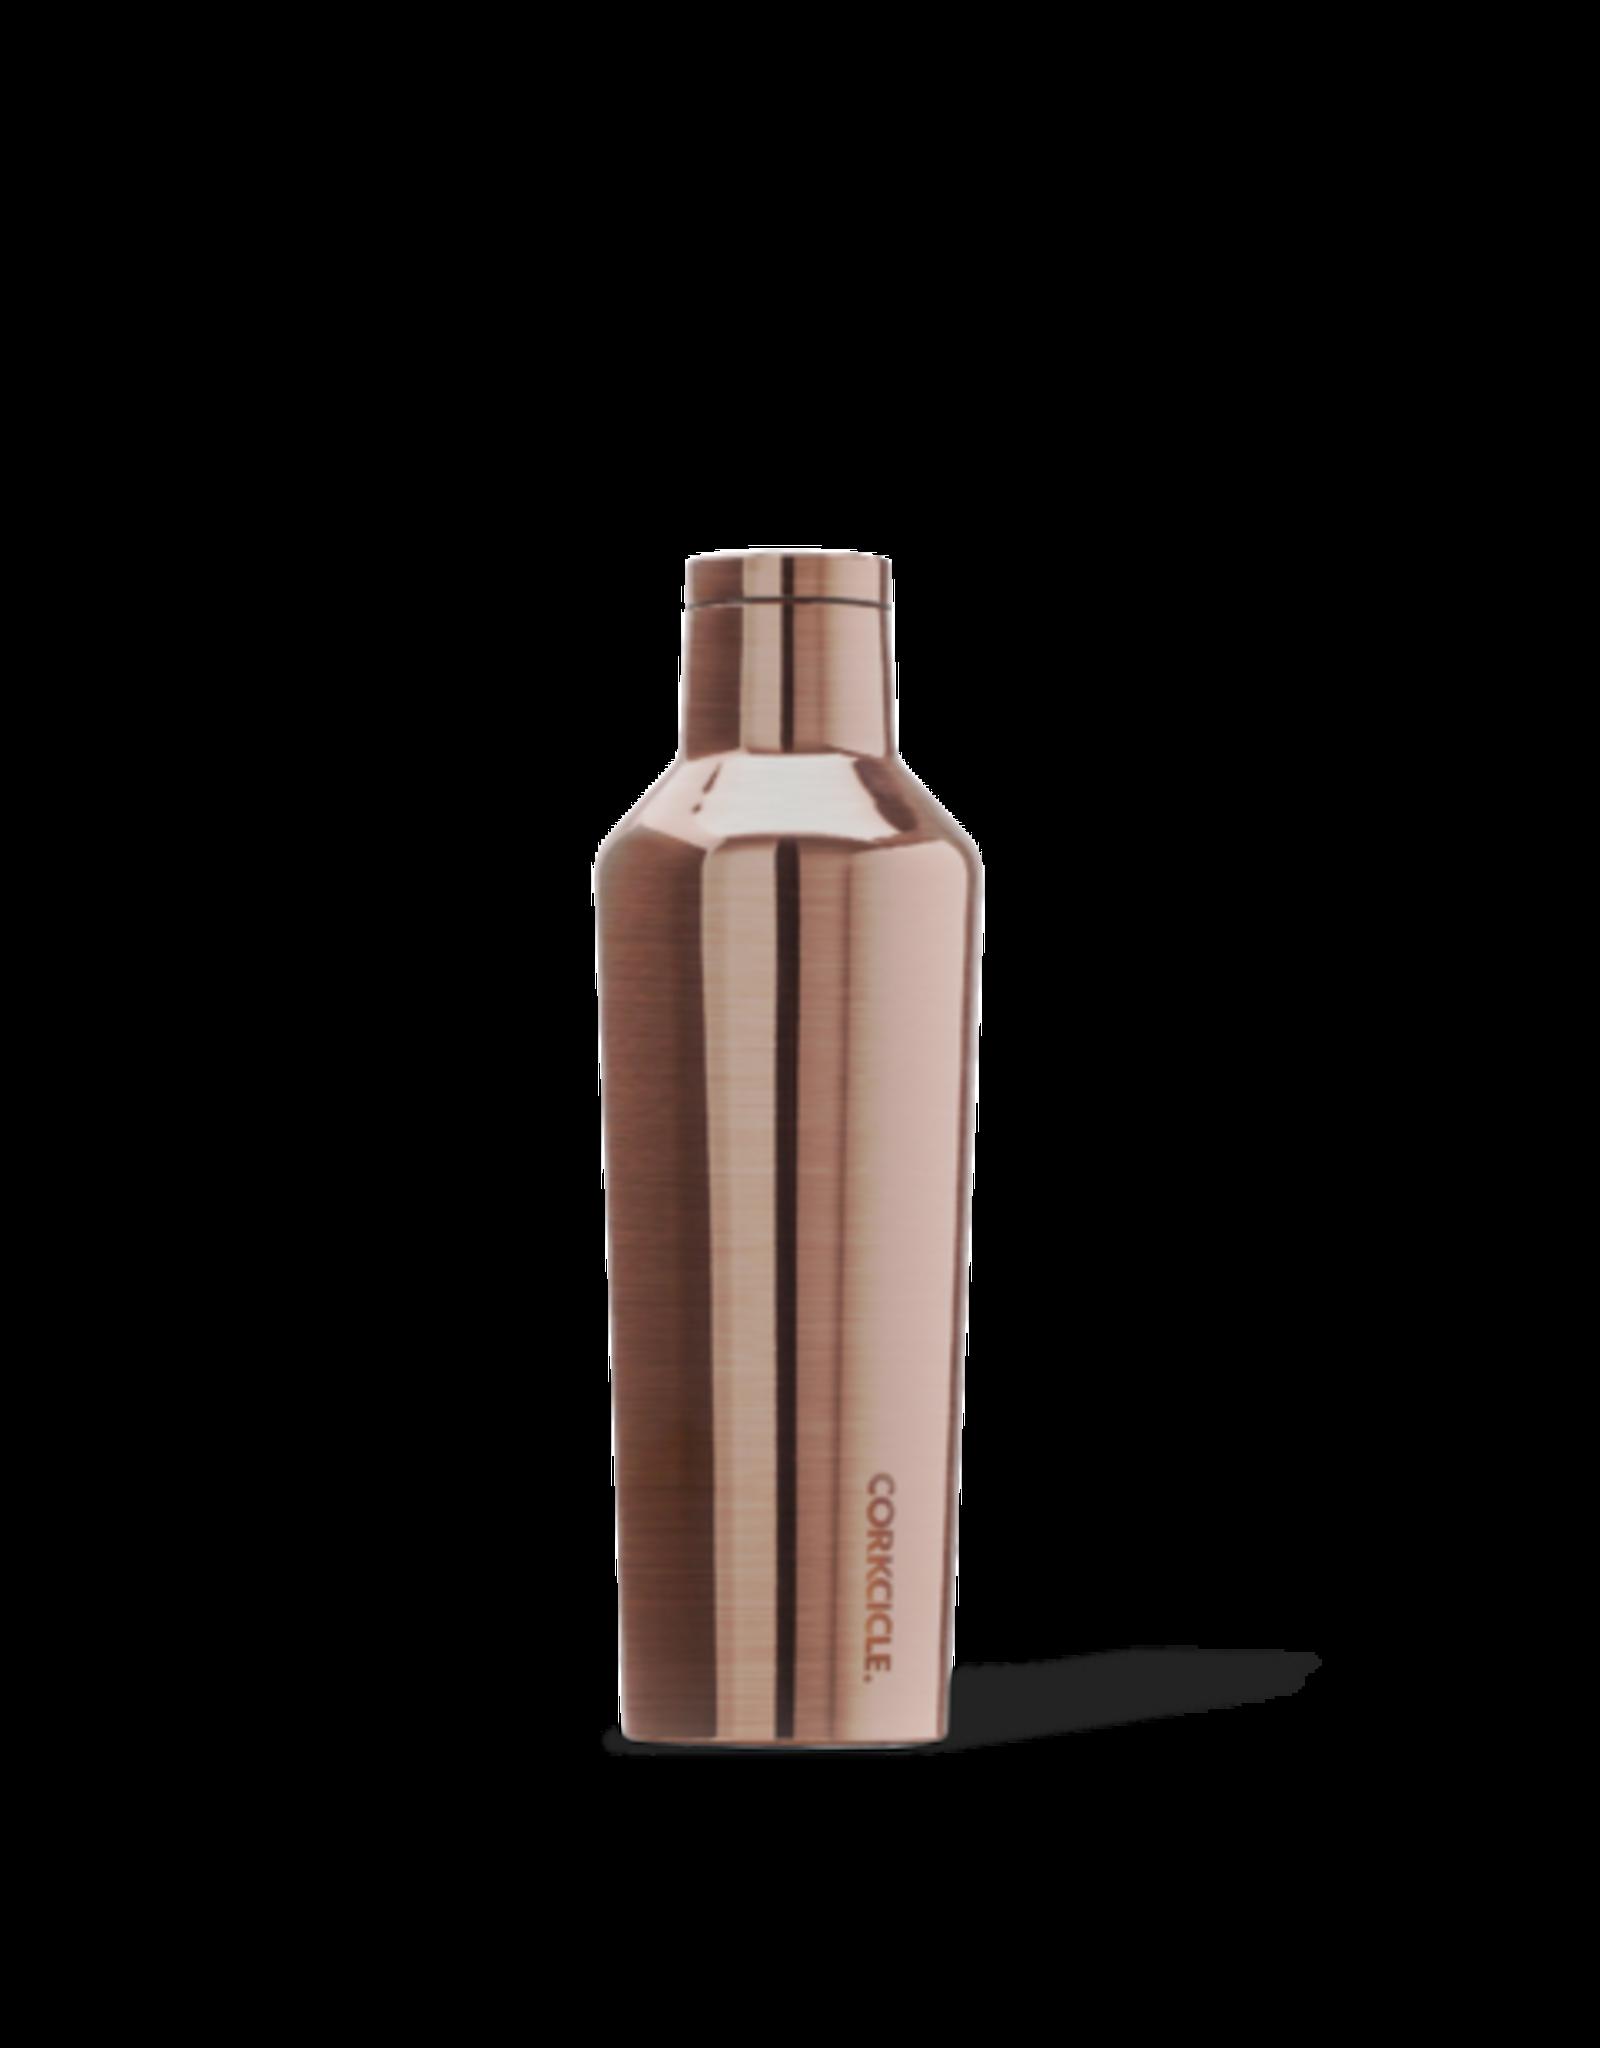 Corkcicle Canteen Bottle - 16oz Copper